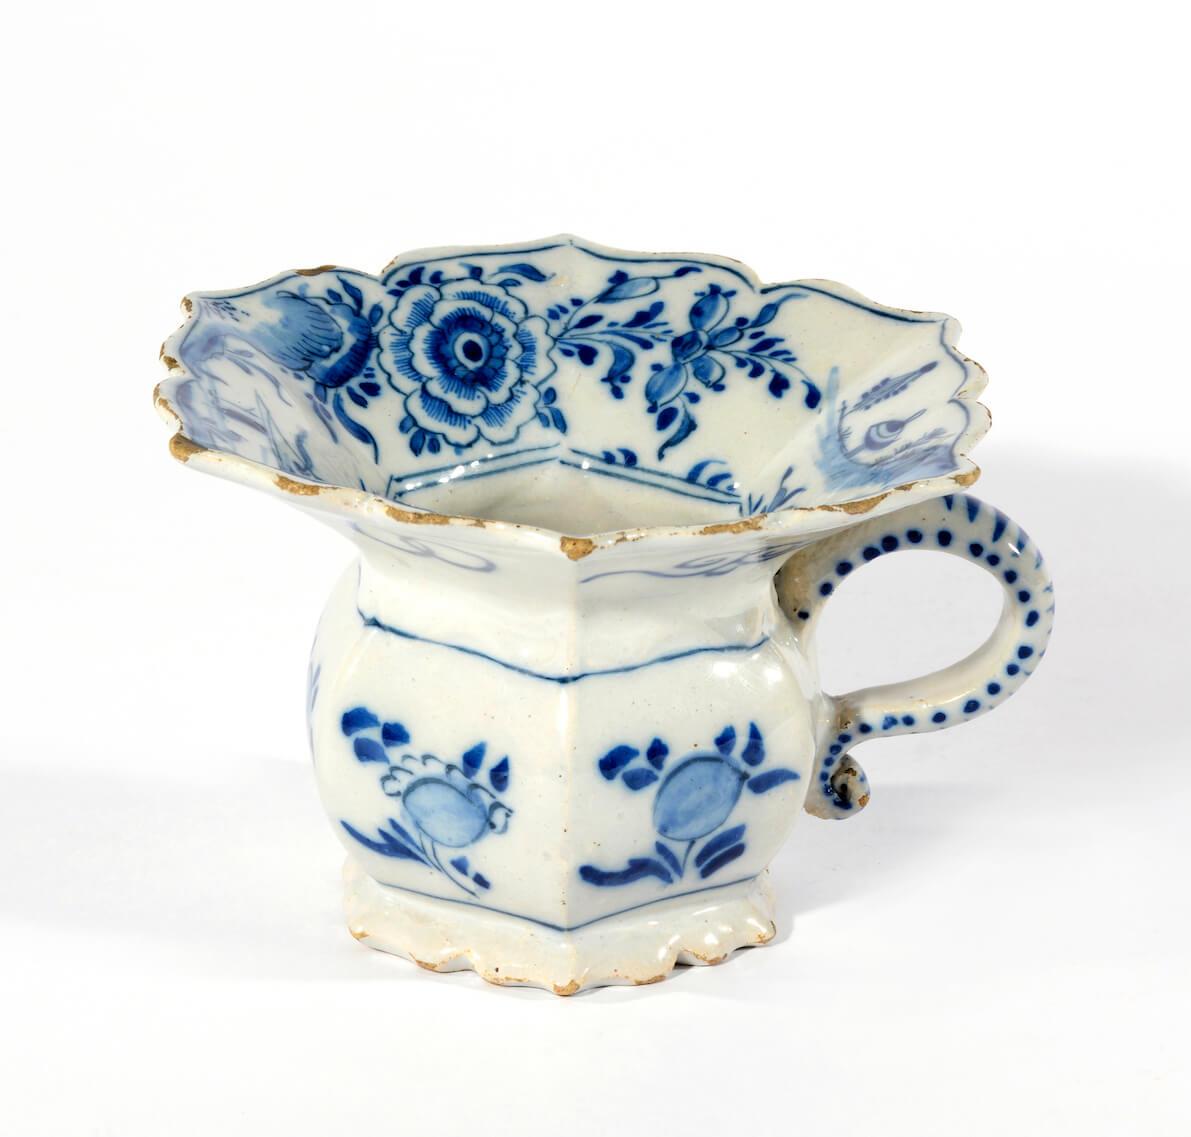 Ceramic Delftware Cuspidor Aronson Antiquairs